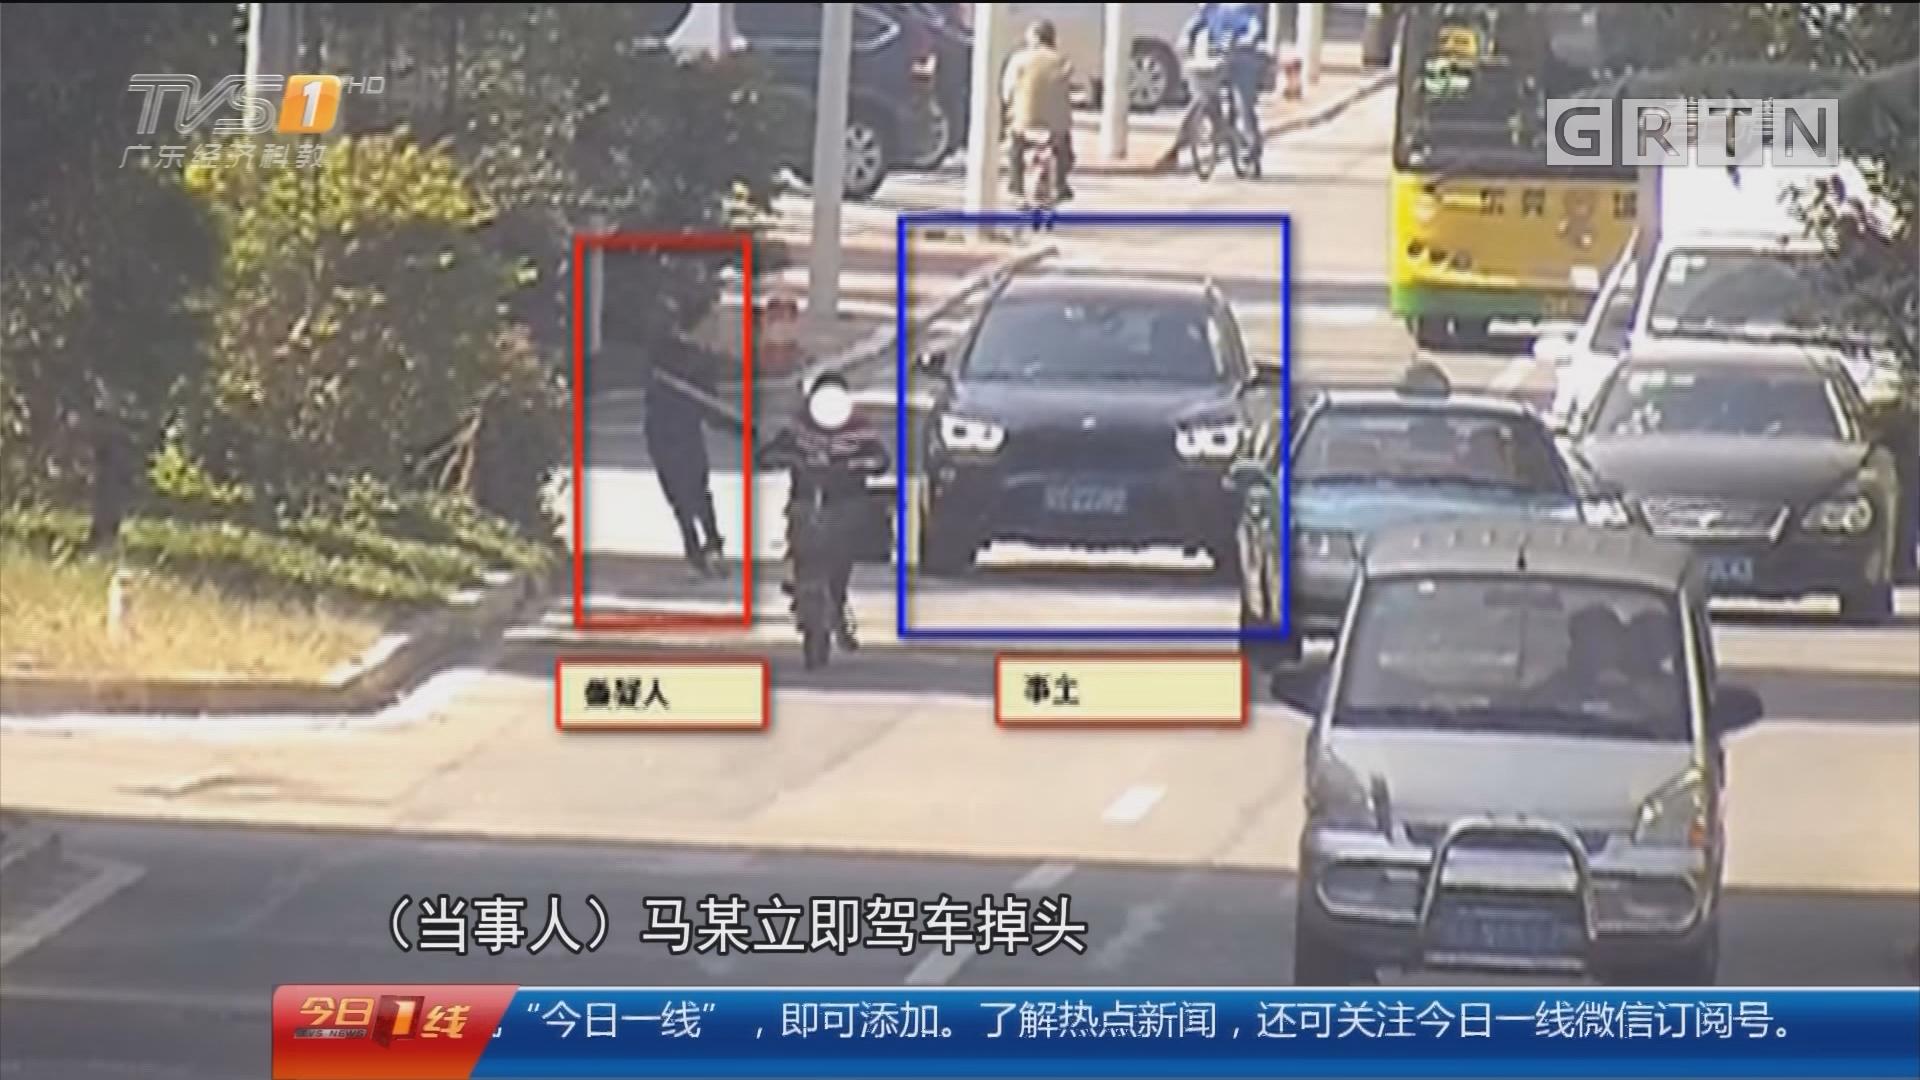 东莞:碰瓷团伙屡屡作案 警方一网打尽